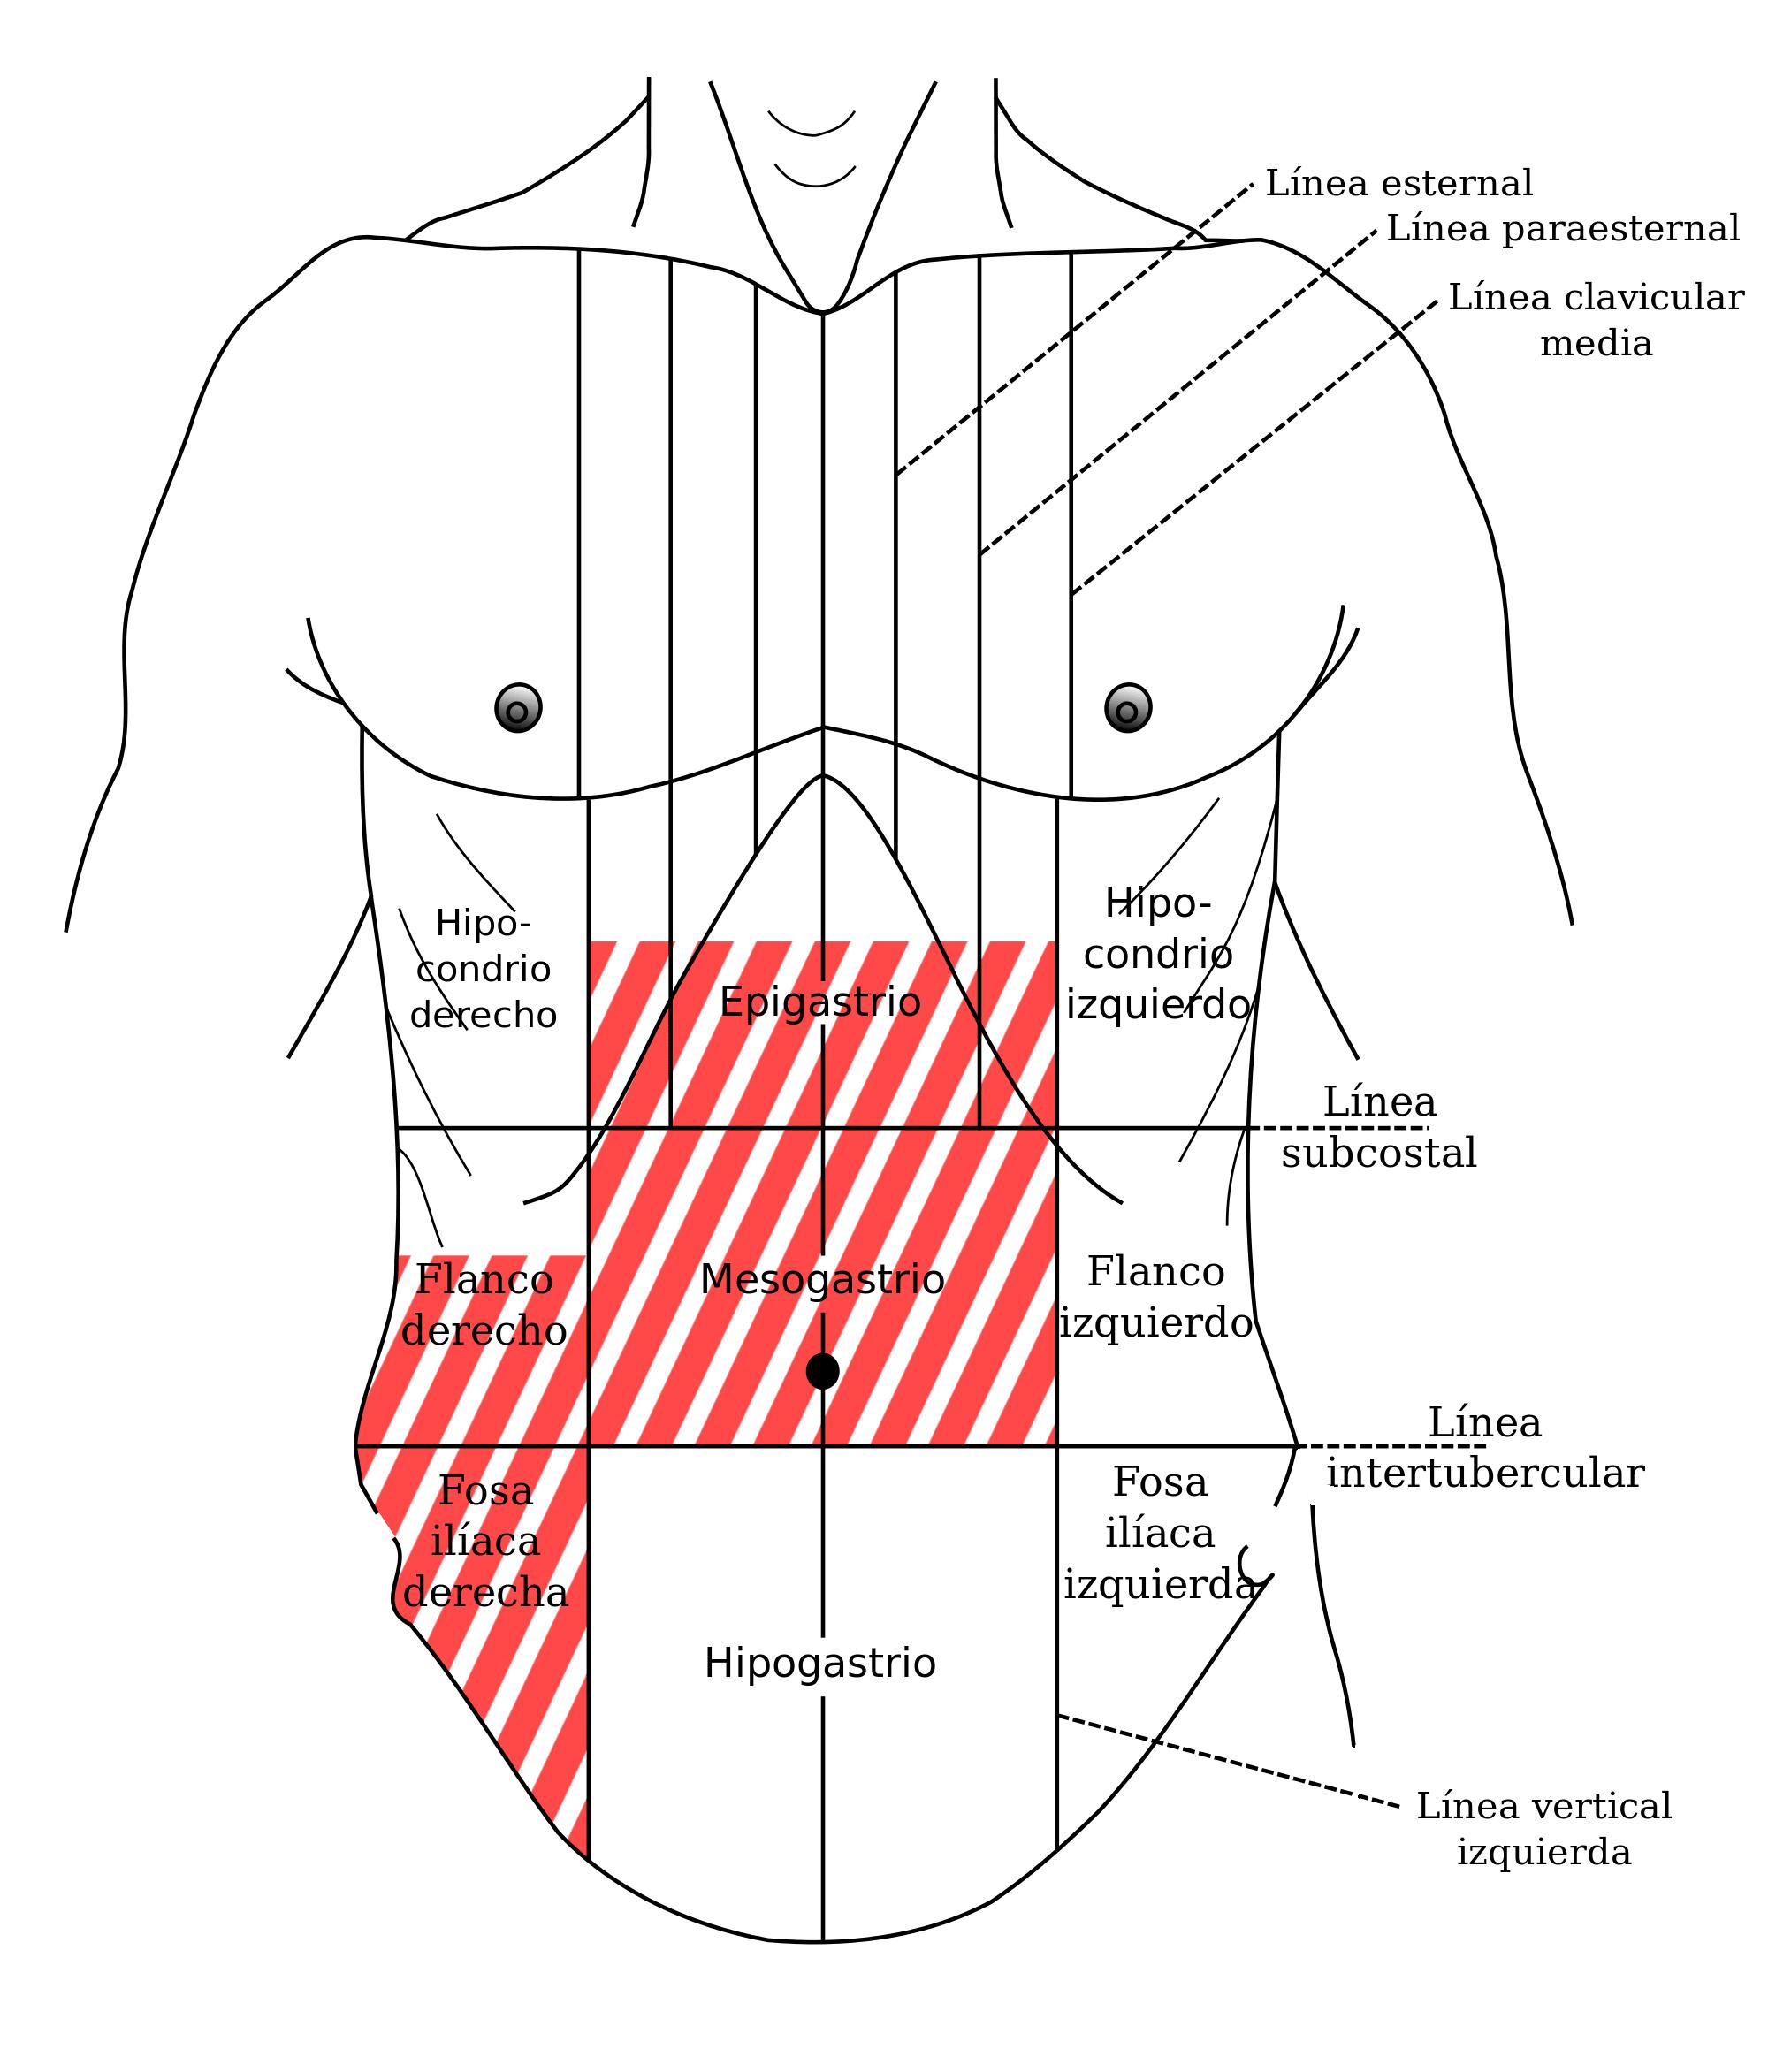 Apendice lado derecho izquierdo